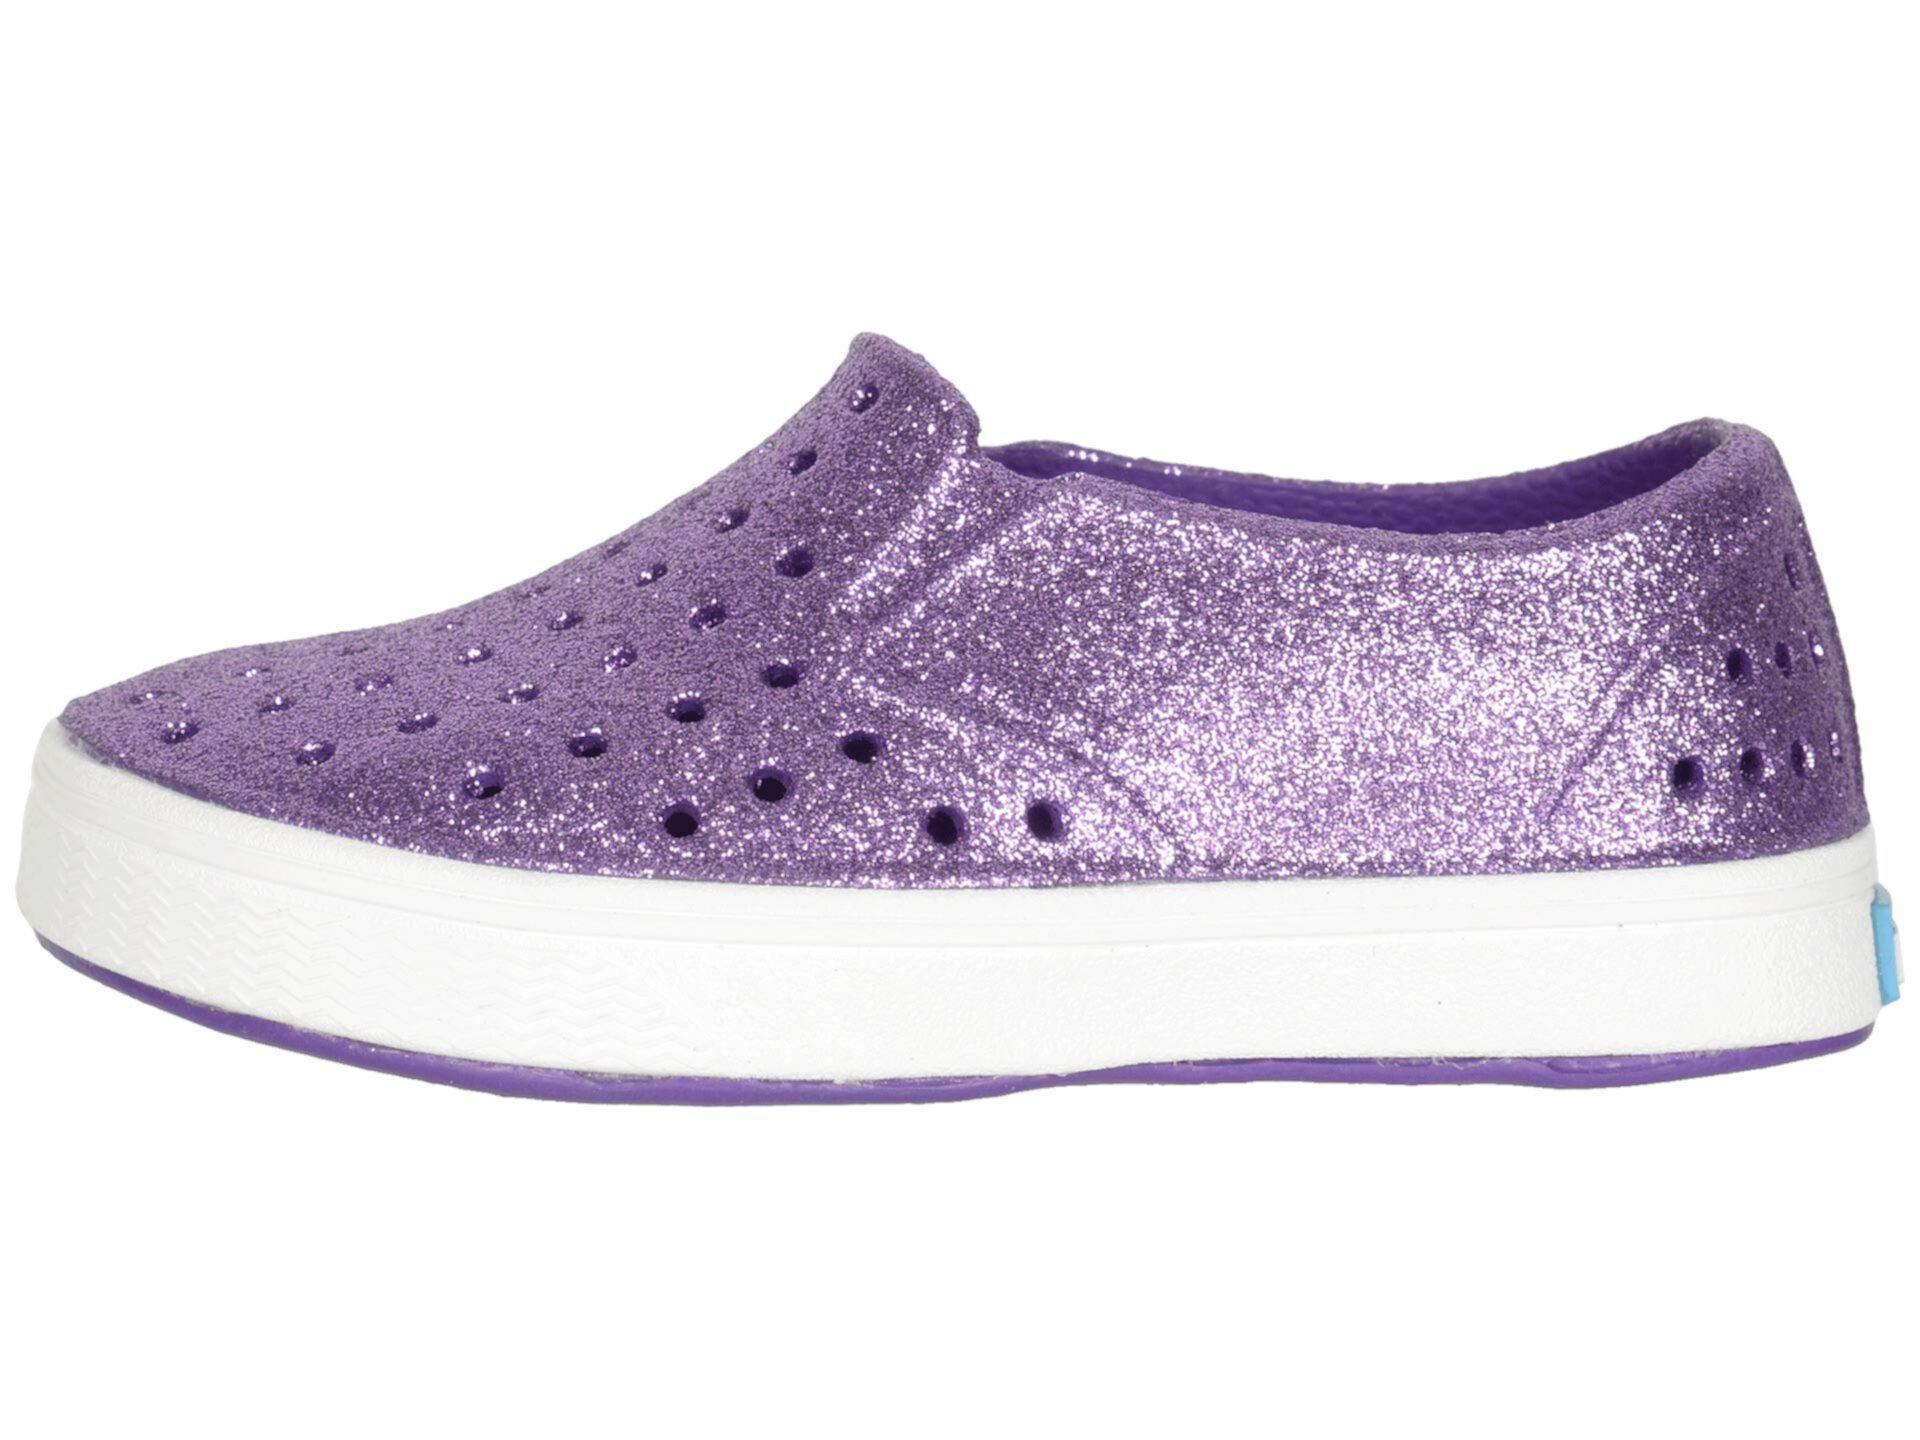 Майлз Блинг (Малыш / Малыш) Native Kids Shoes